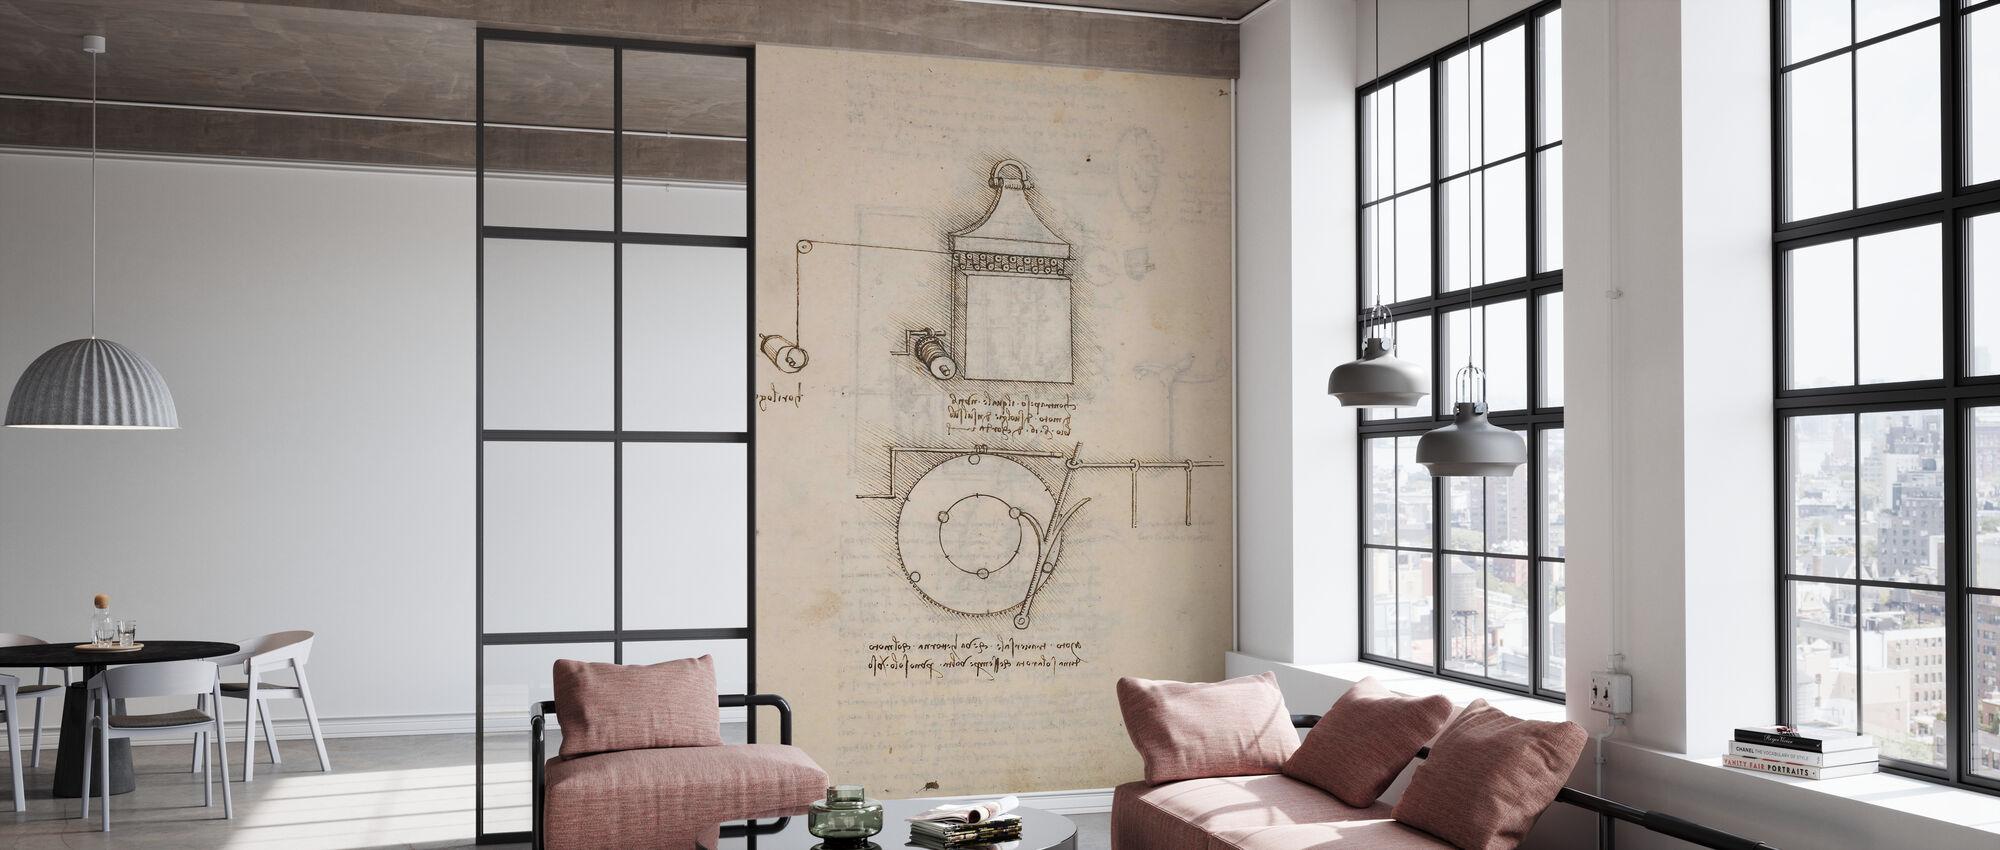 Pulley System - Leonardo Da Vinci - Wallpaper - Office